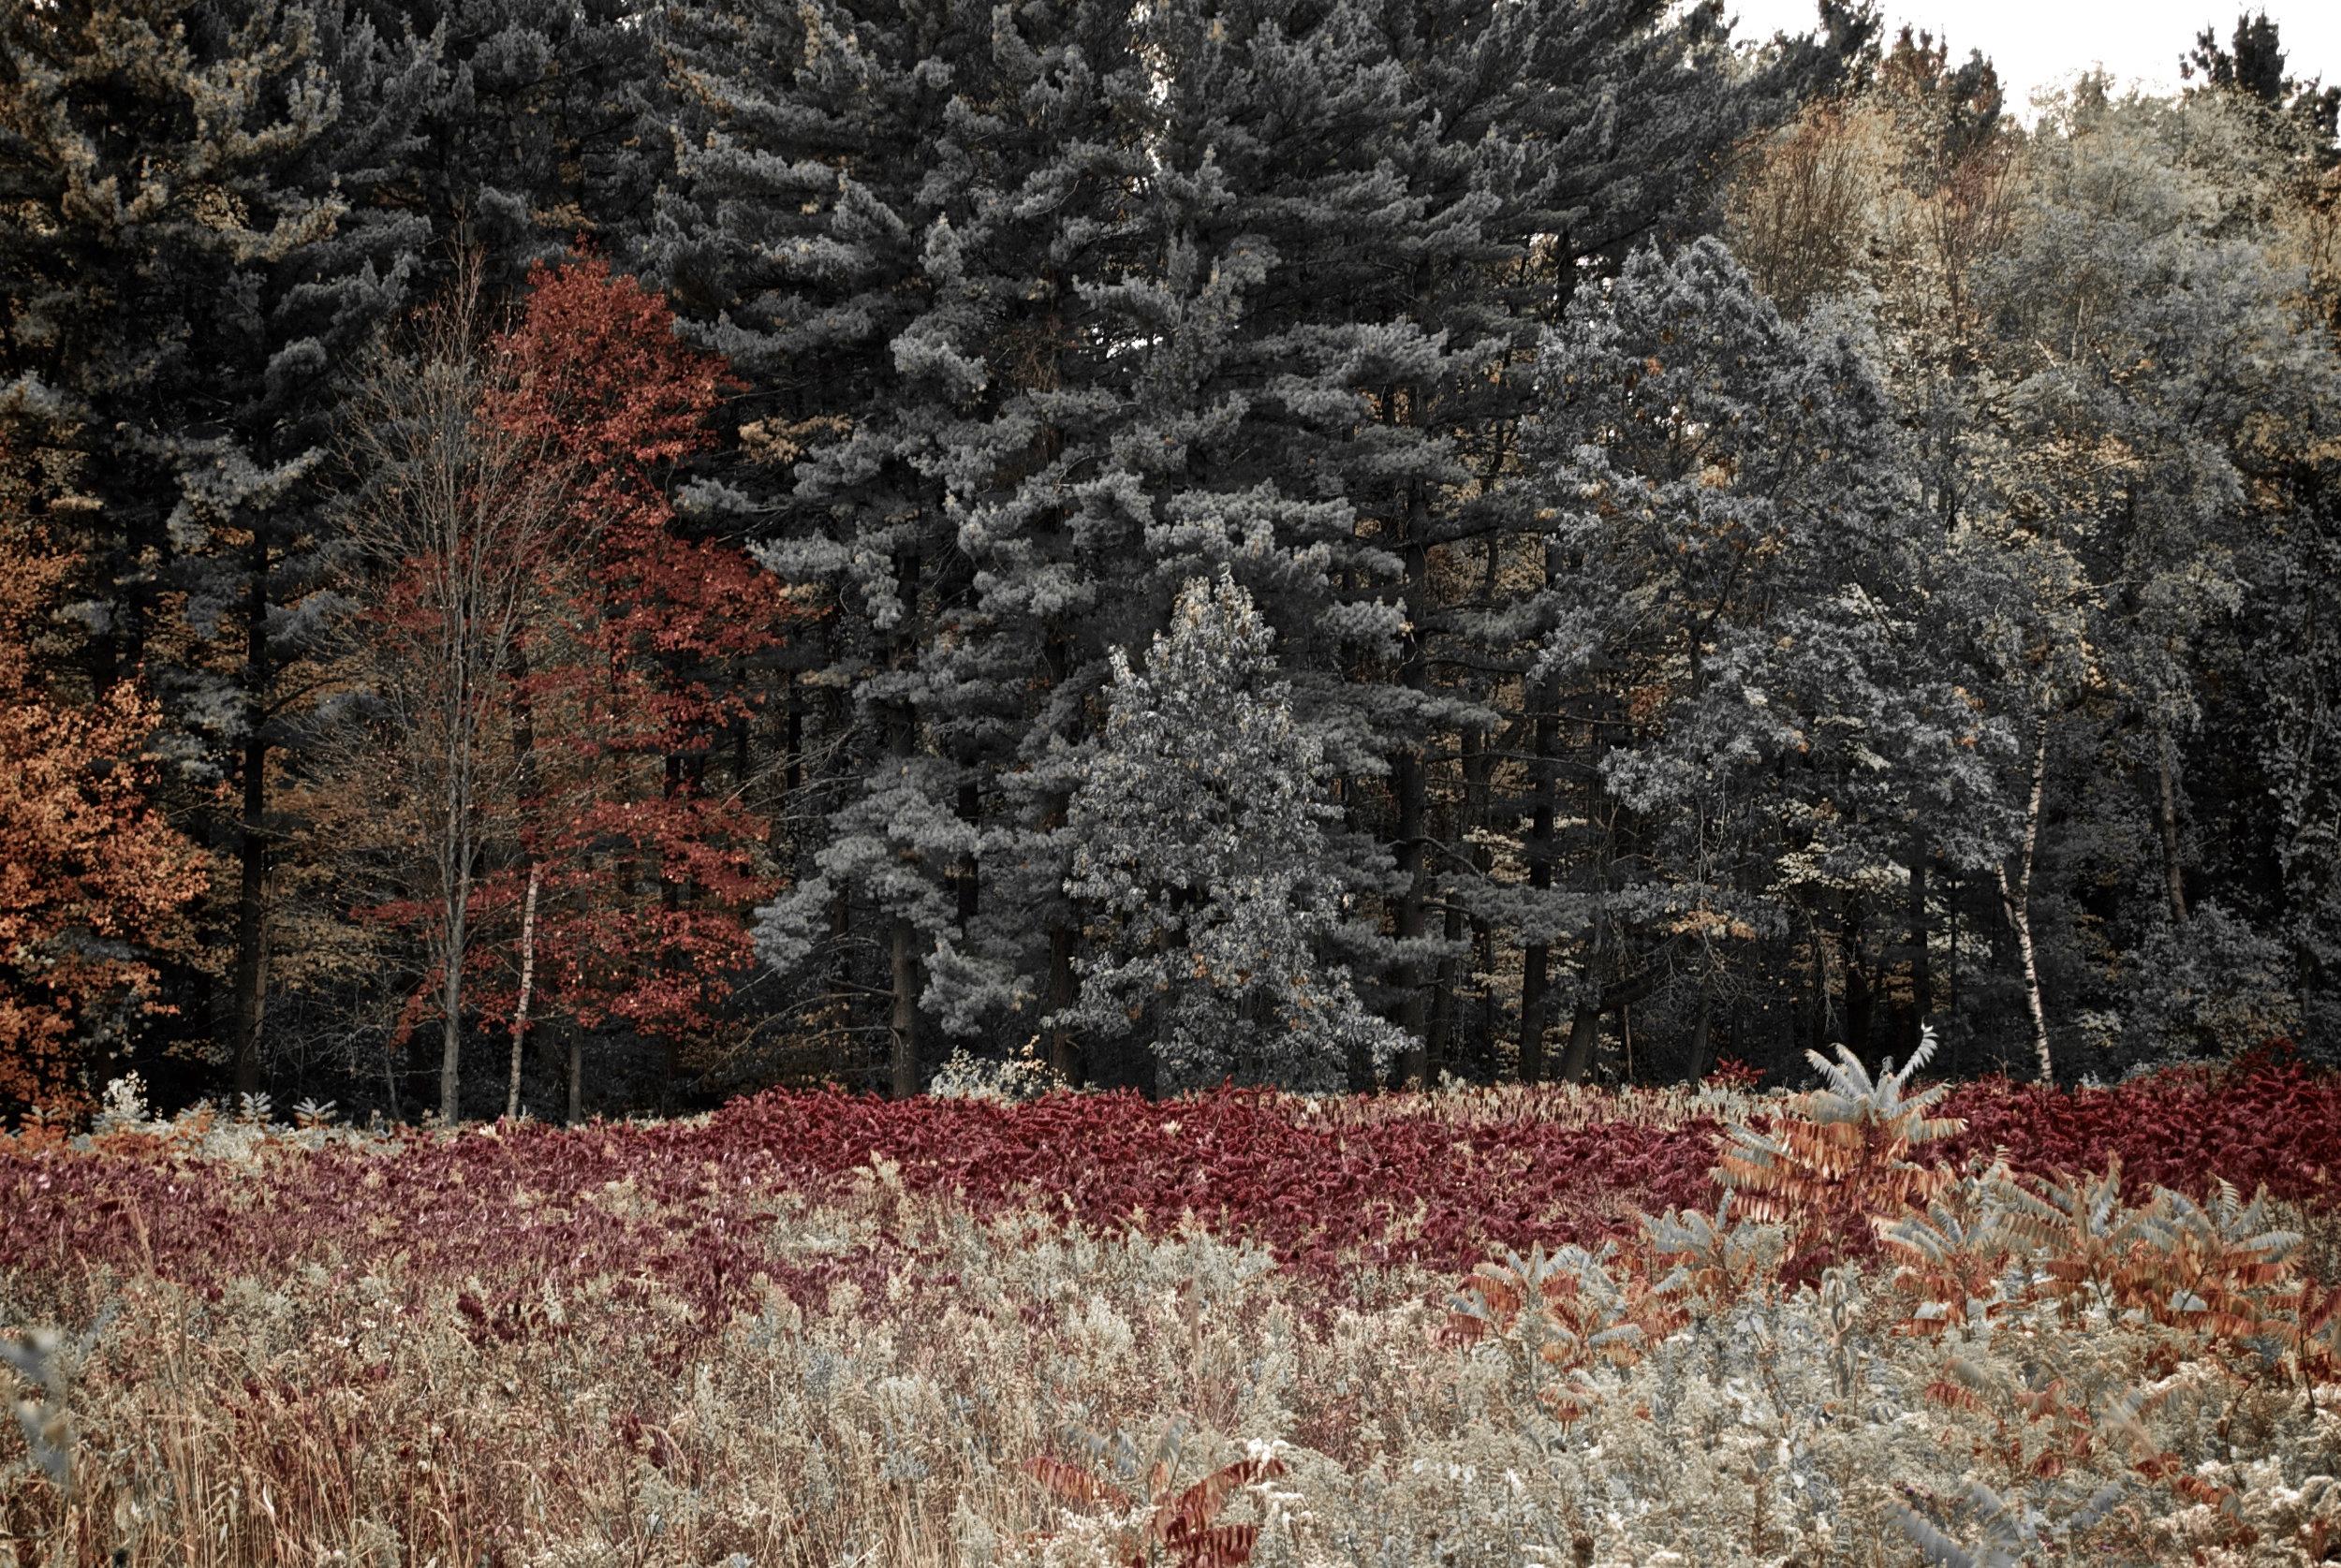 Fall. Arboretum. Madison, Wisconsin. October 2012. © William D. Walker